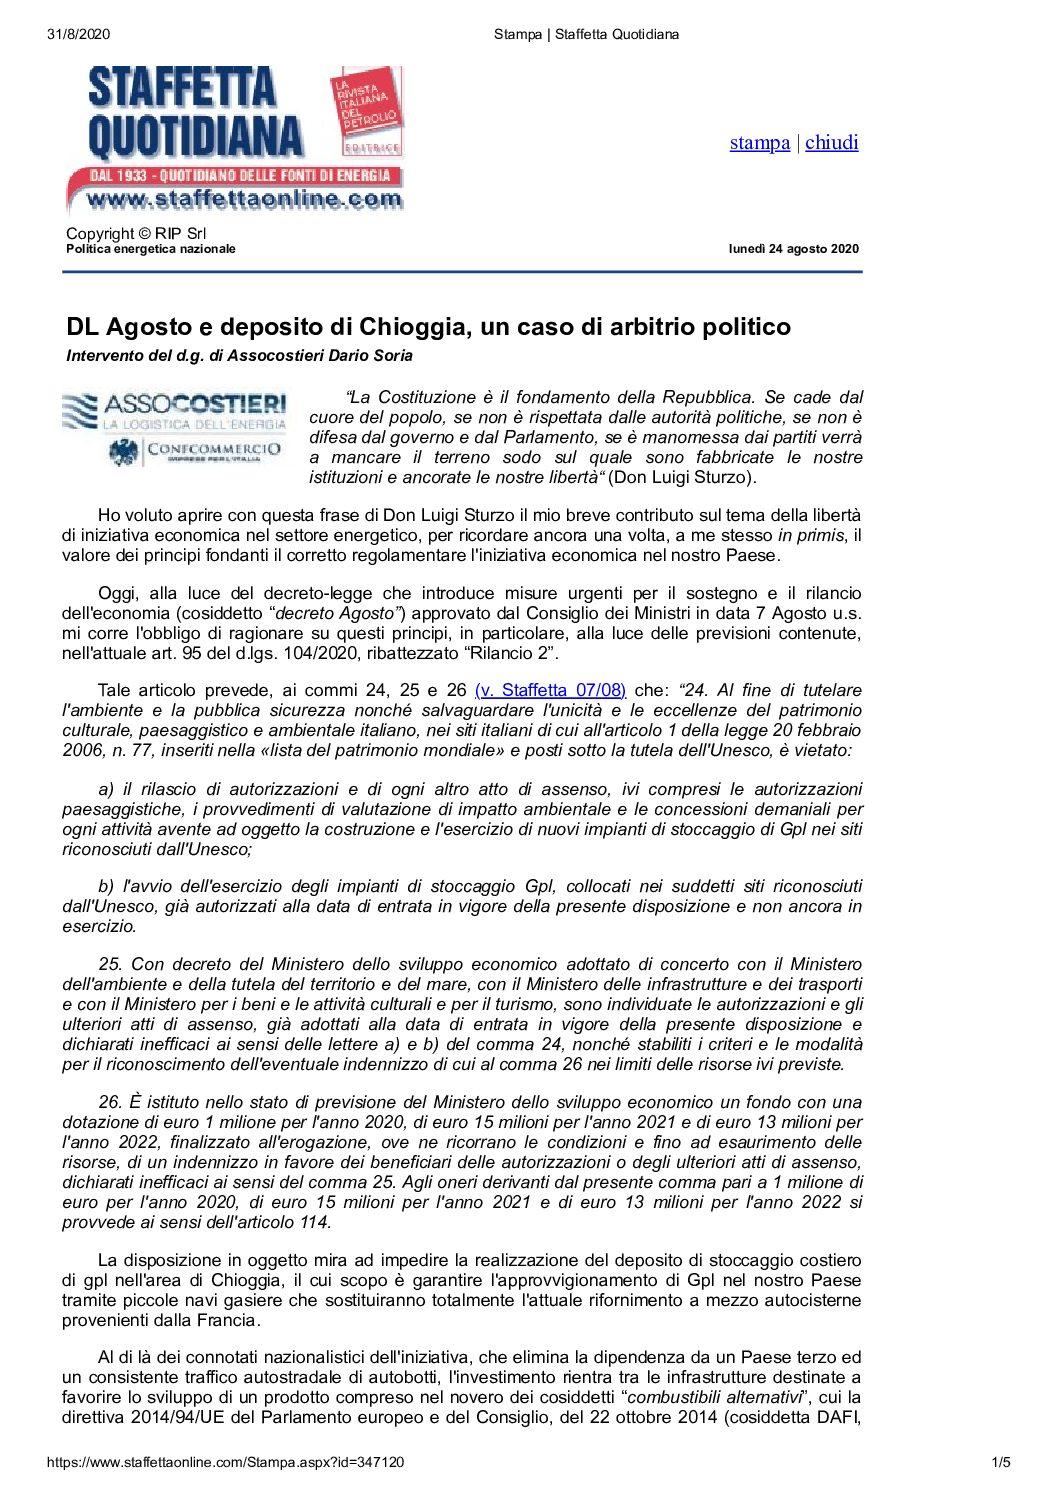 24.04.2020 DL Agosto e deposito di Chioggia, un caso di arbitrio politico